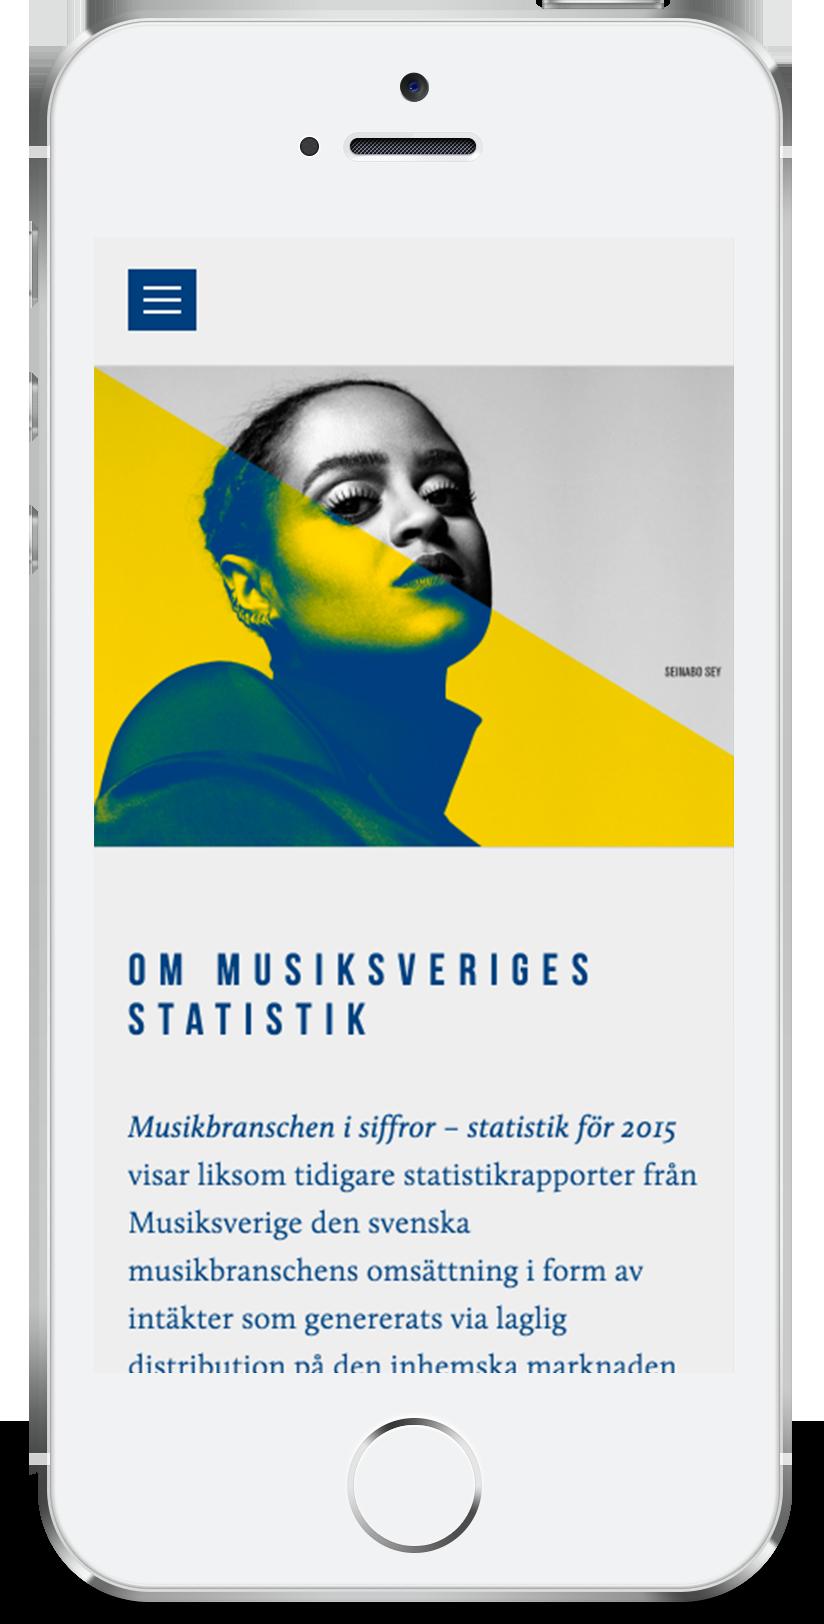 Musiksverige_iPhone1.png